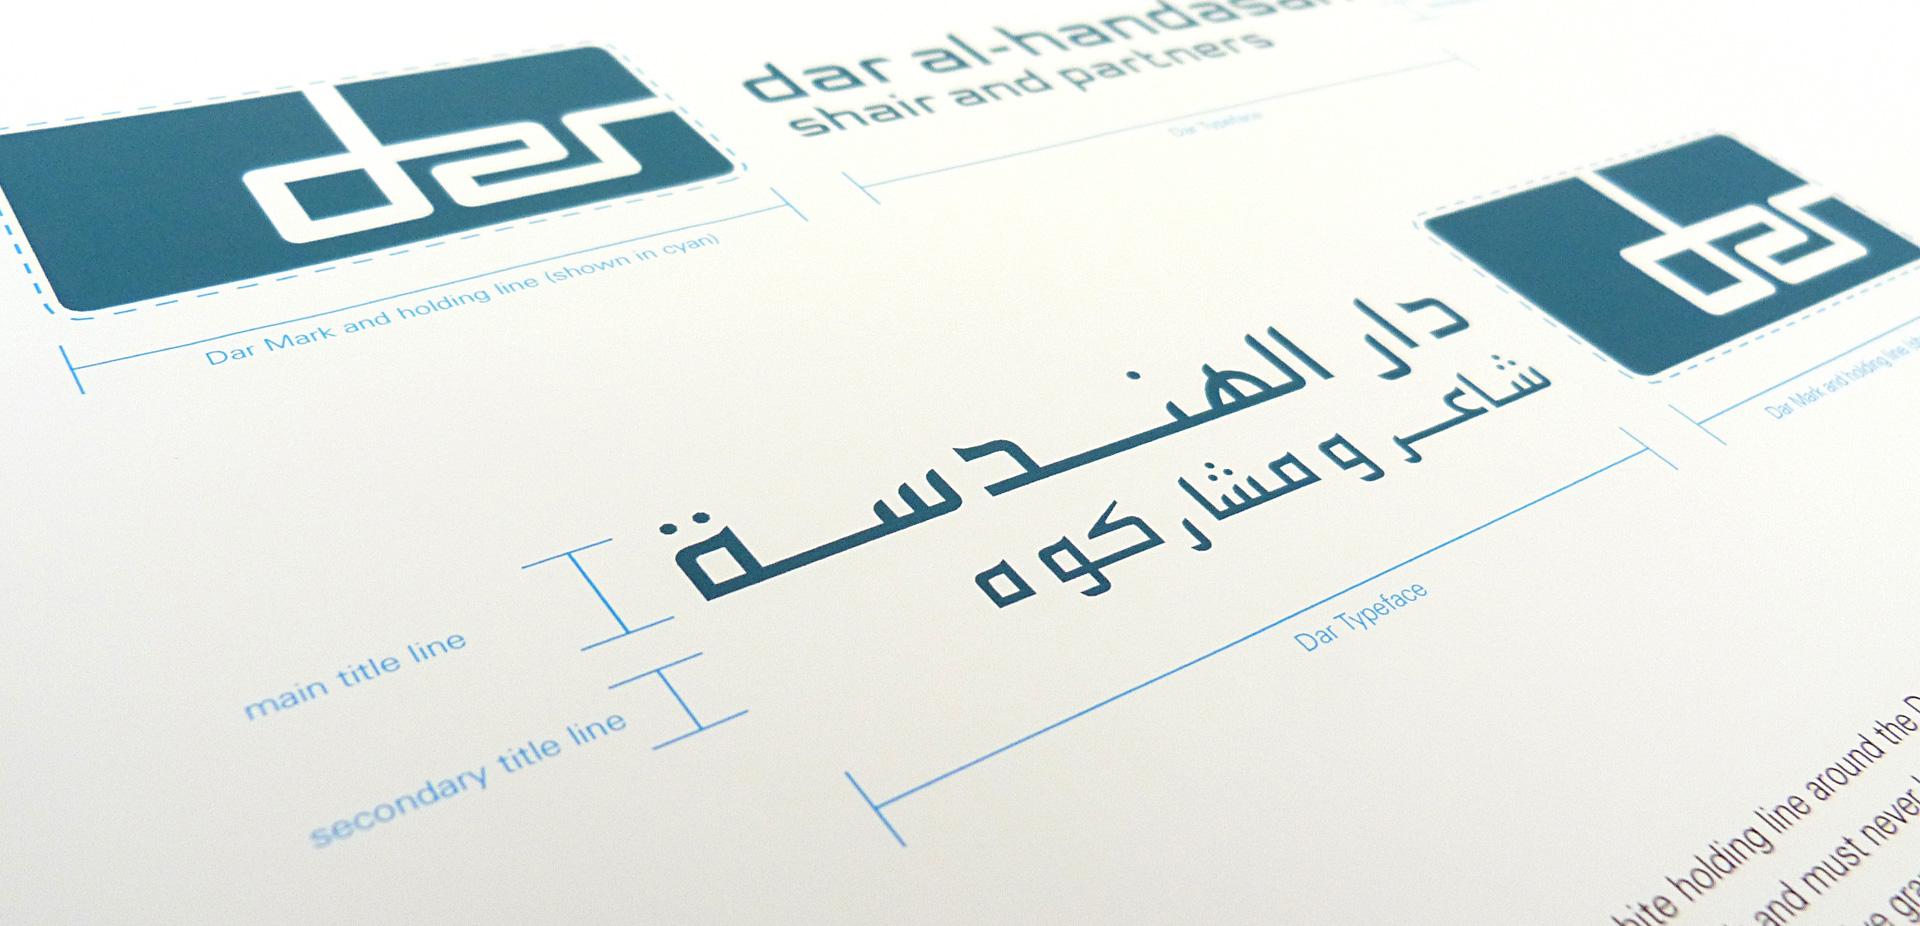 Dar Al-Handasah Shair & Partners